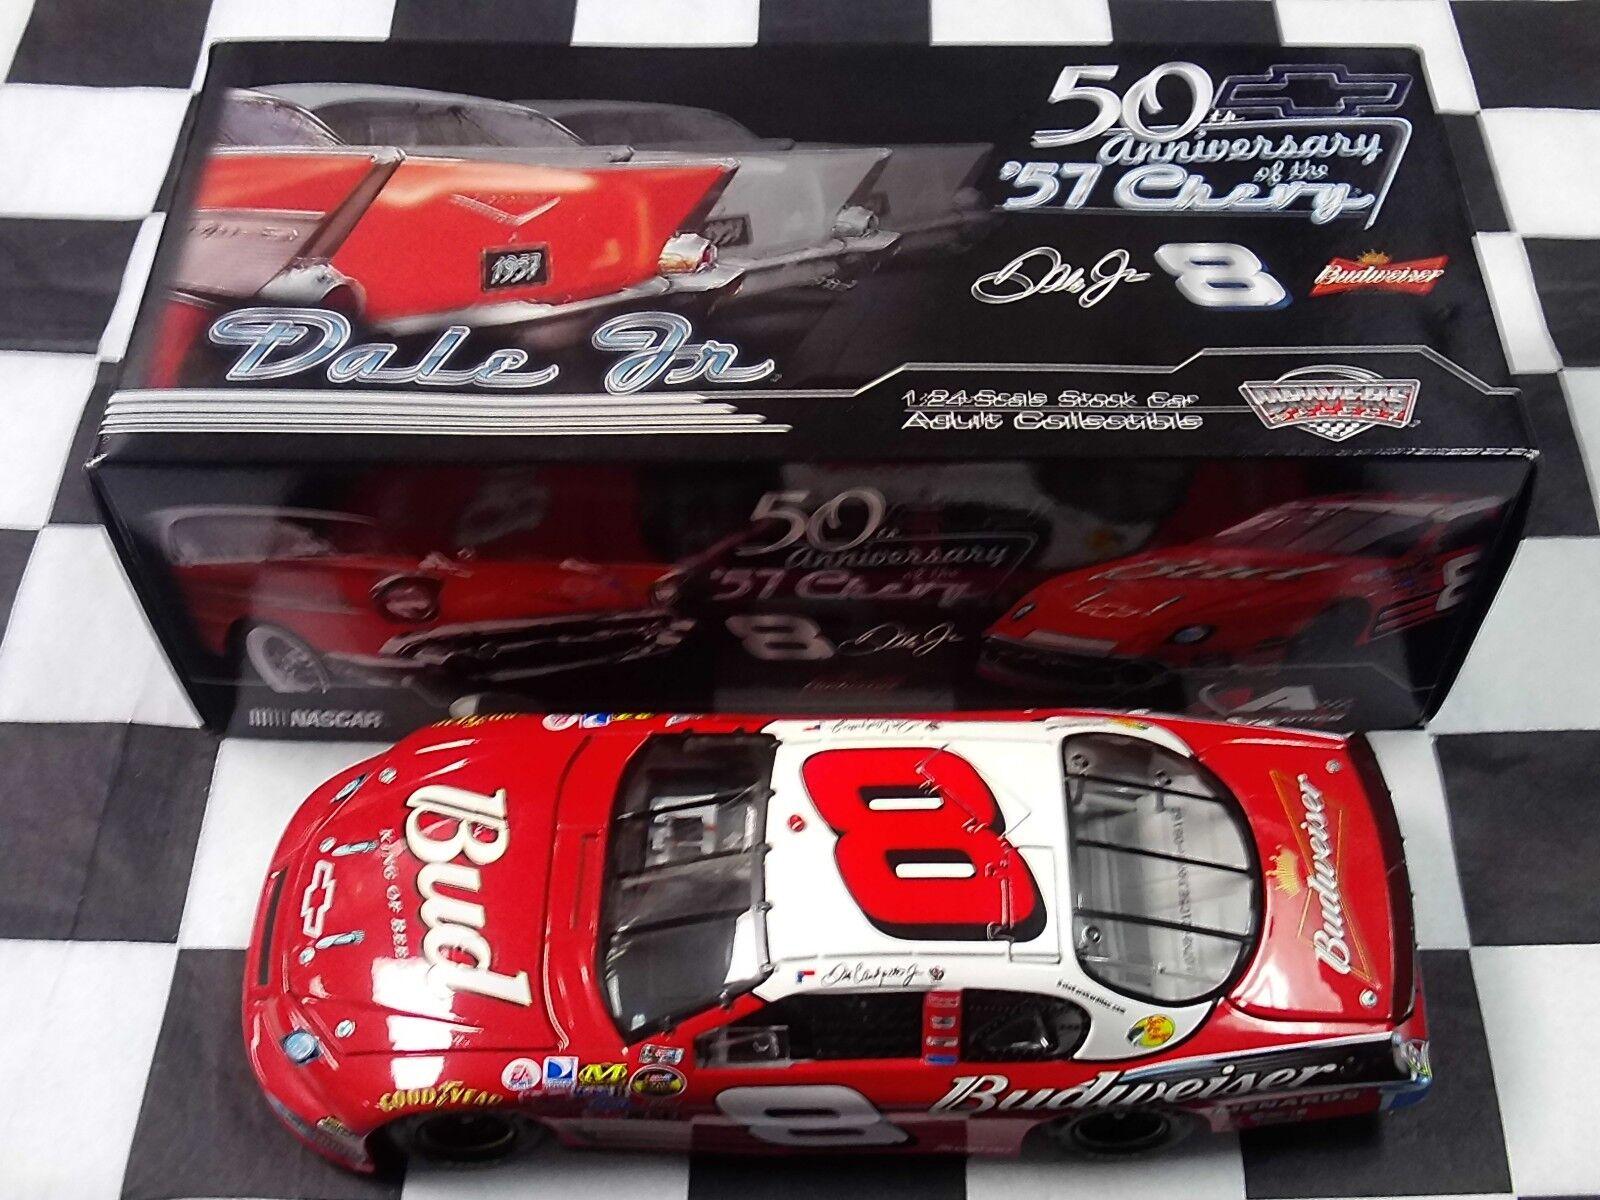 Sconto del 70% a buon mercato Dale Earnhardt Jr  8 8 8 Budweiser 57 Chevy 50th Anniversary 2007 1 24 azione NIB  prezzo più economico